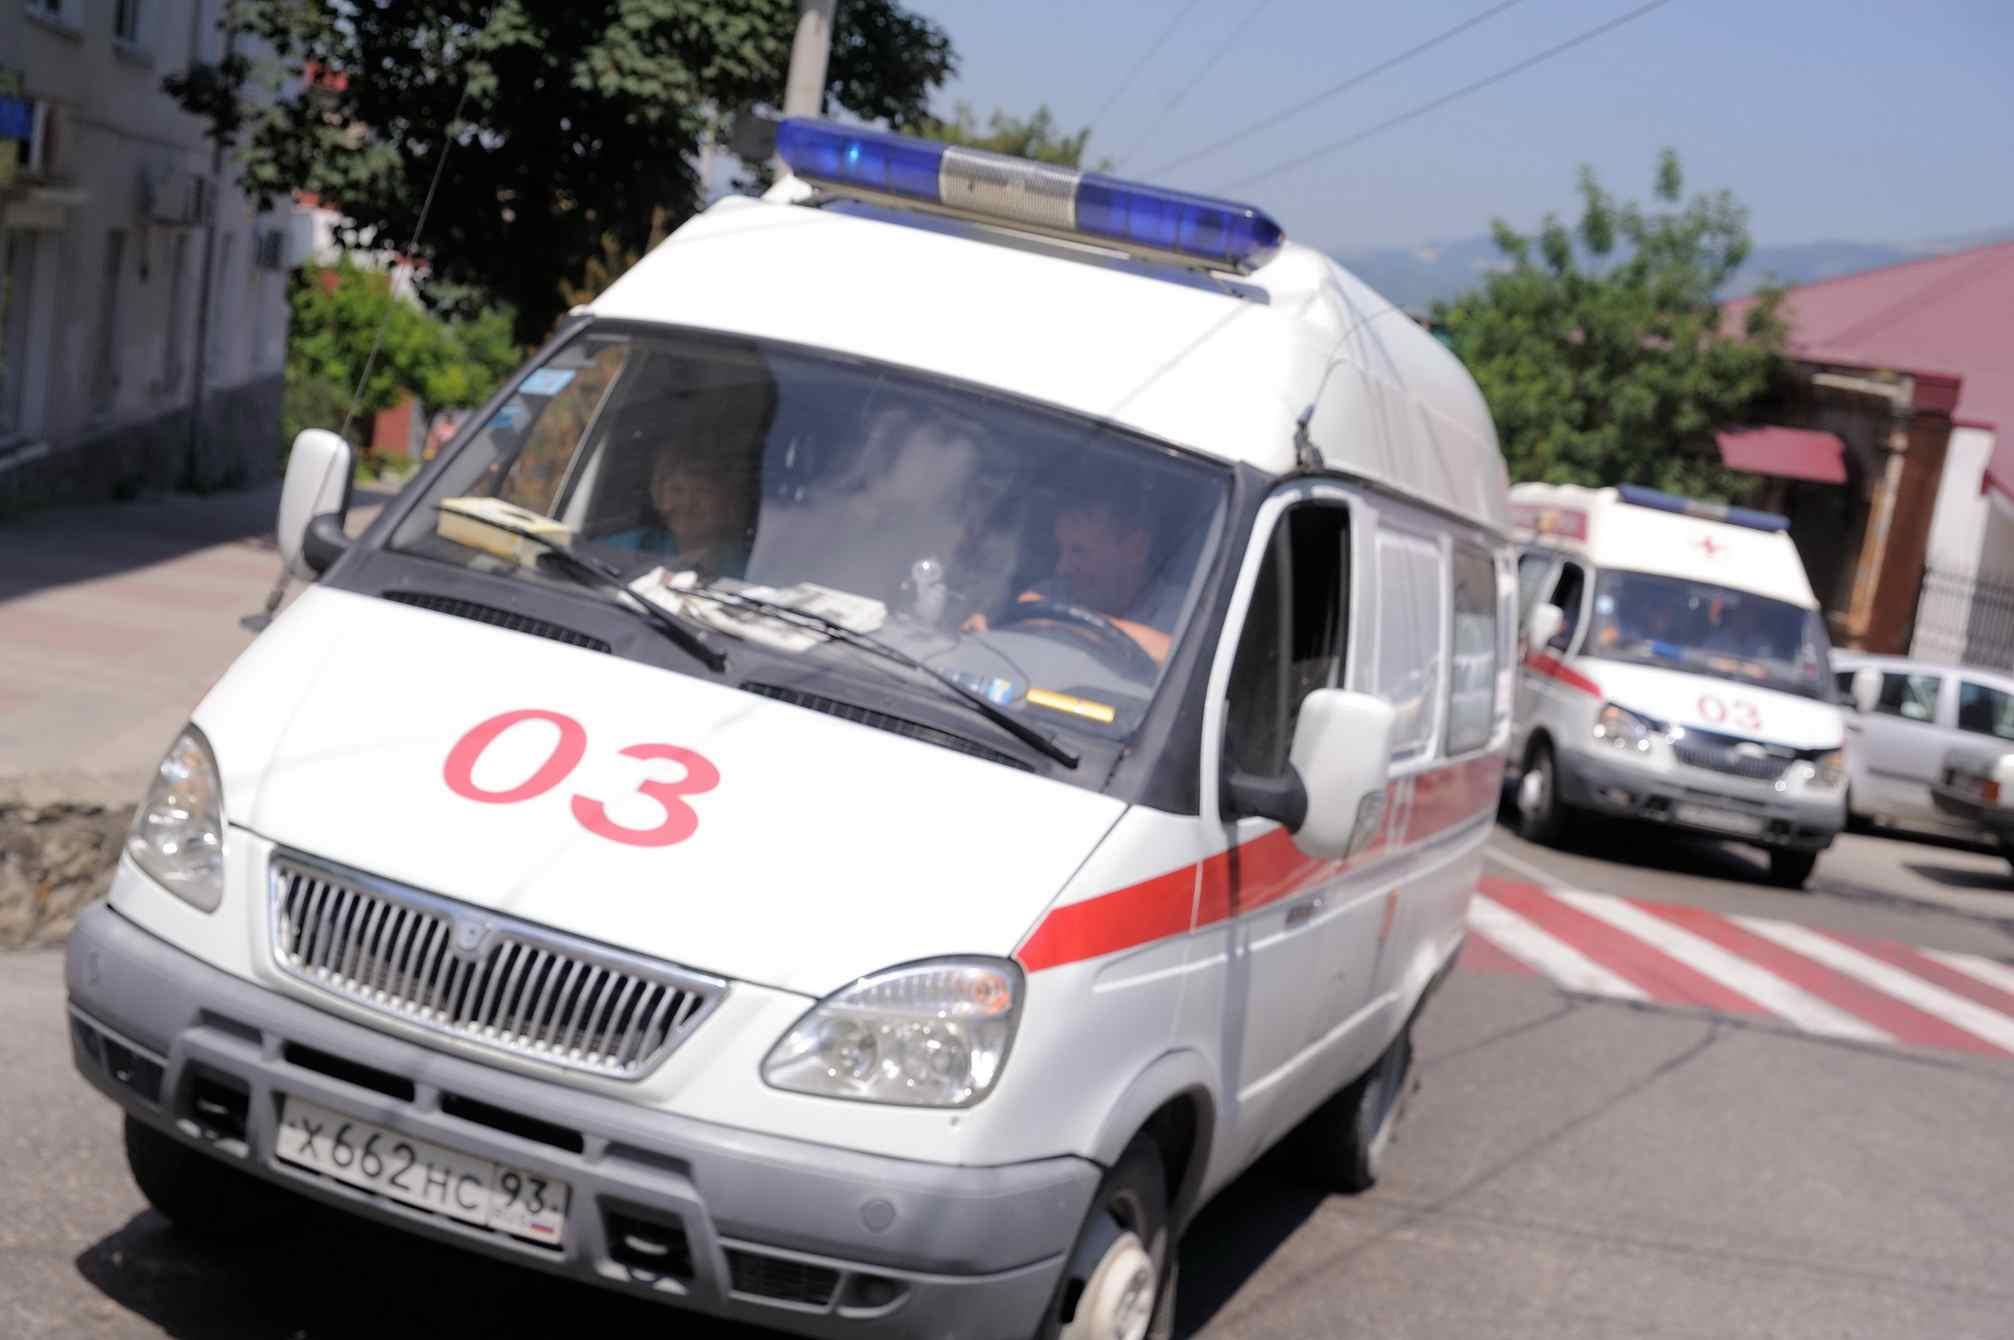 ВНовороссийске после ДТП ребенок втяжелом состоянии попал вреанимацию